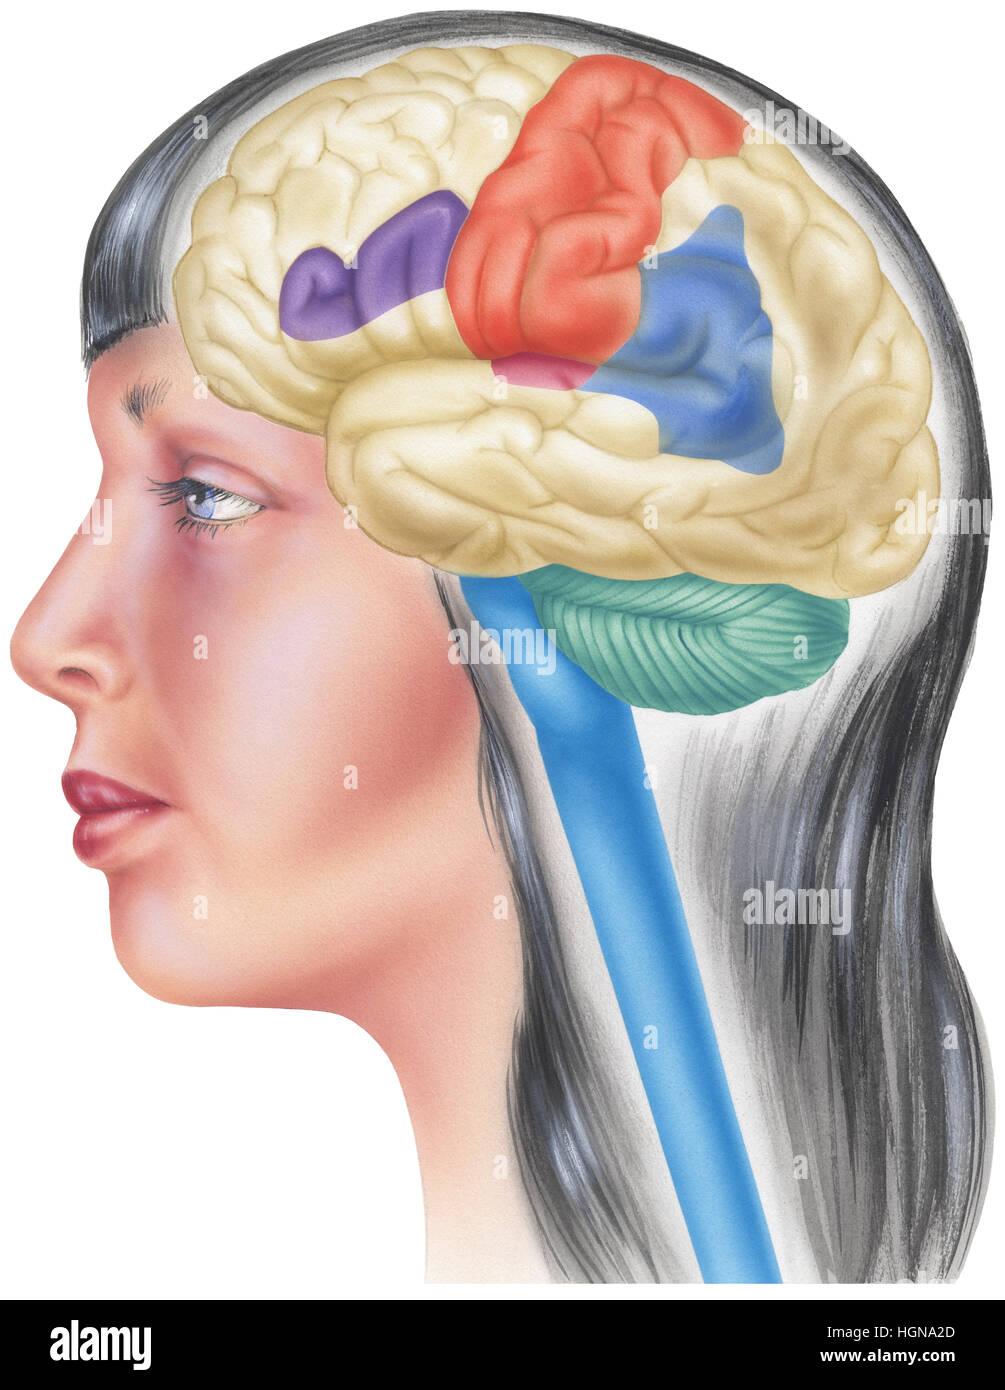 Vue latérale du cerveau humain dans le crâne d'une jeune femme. Indiqués sont les lobes pariétaux, Photo Stock